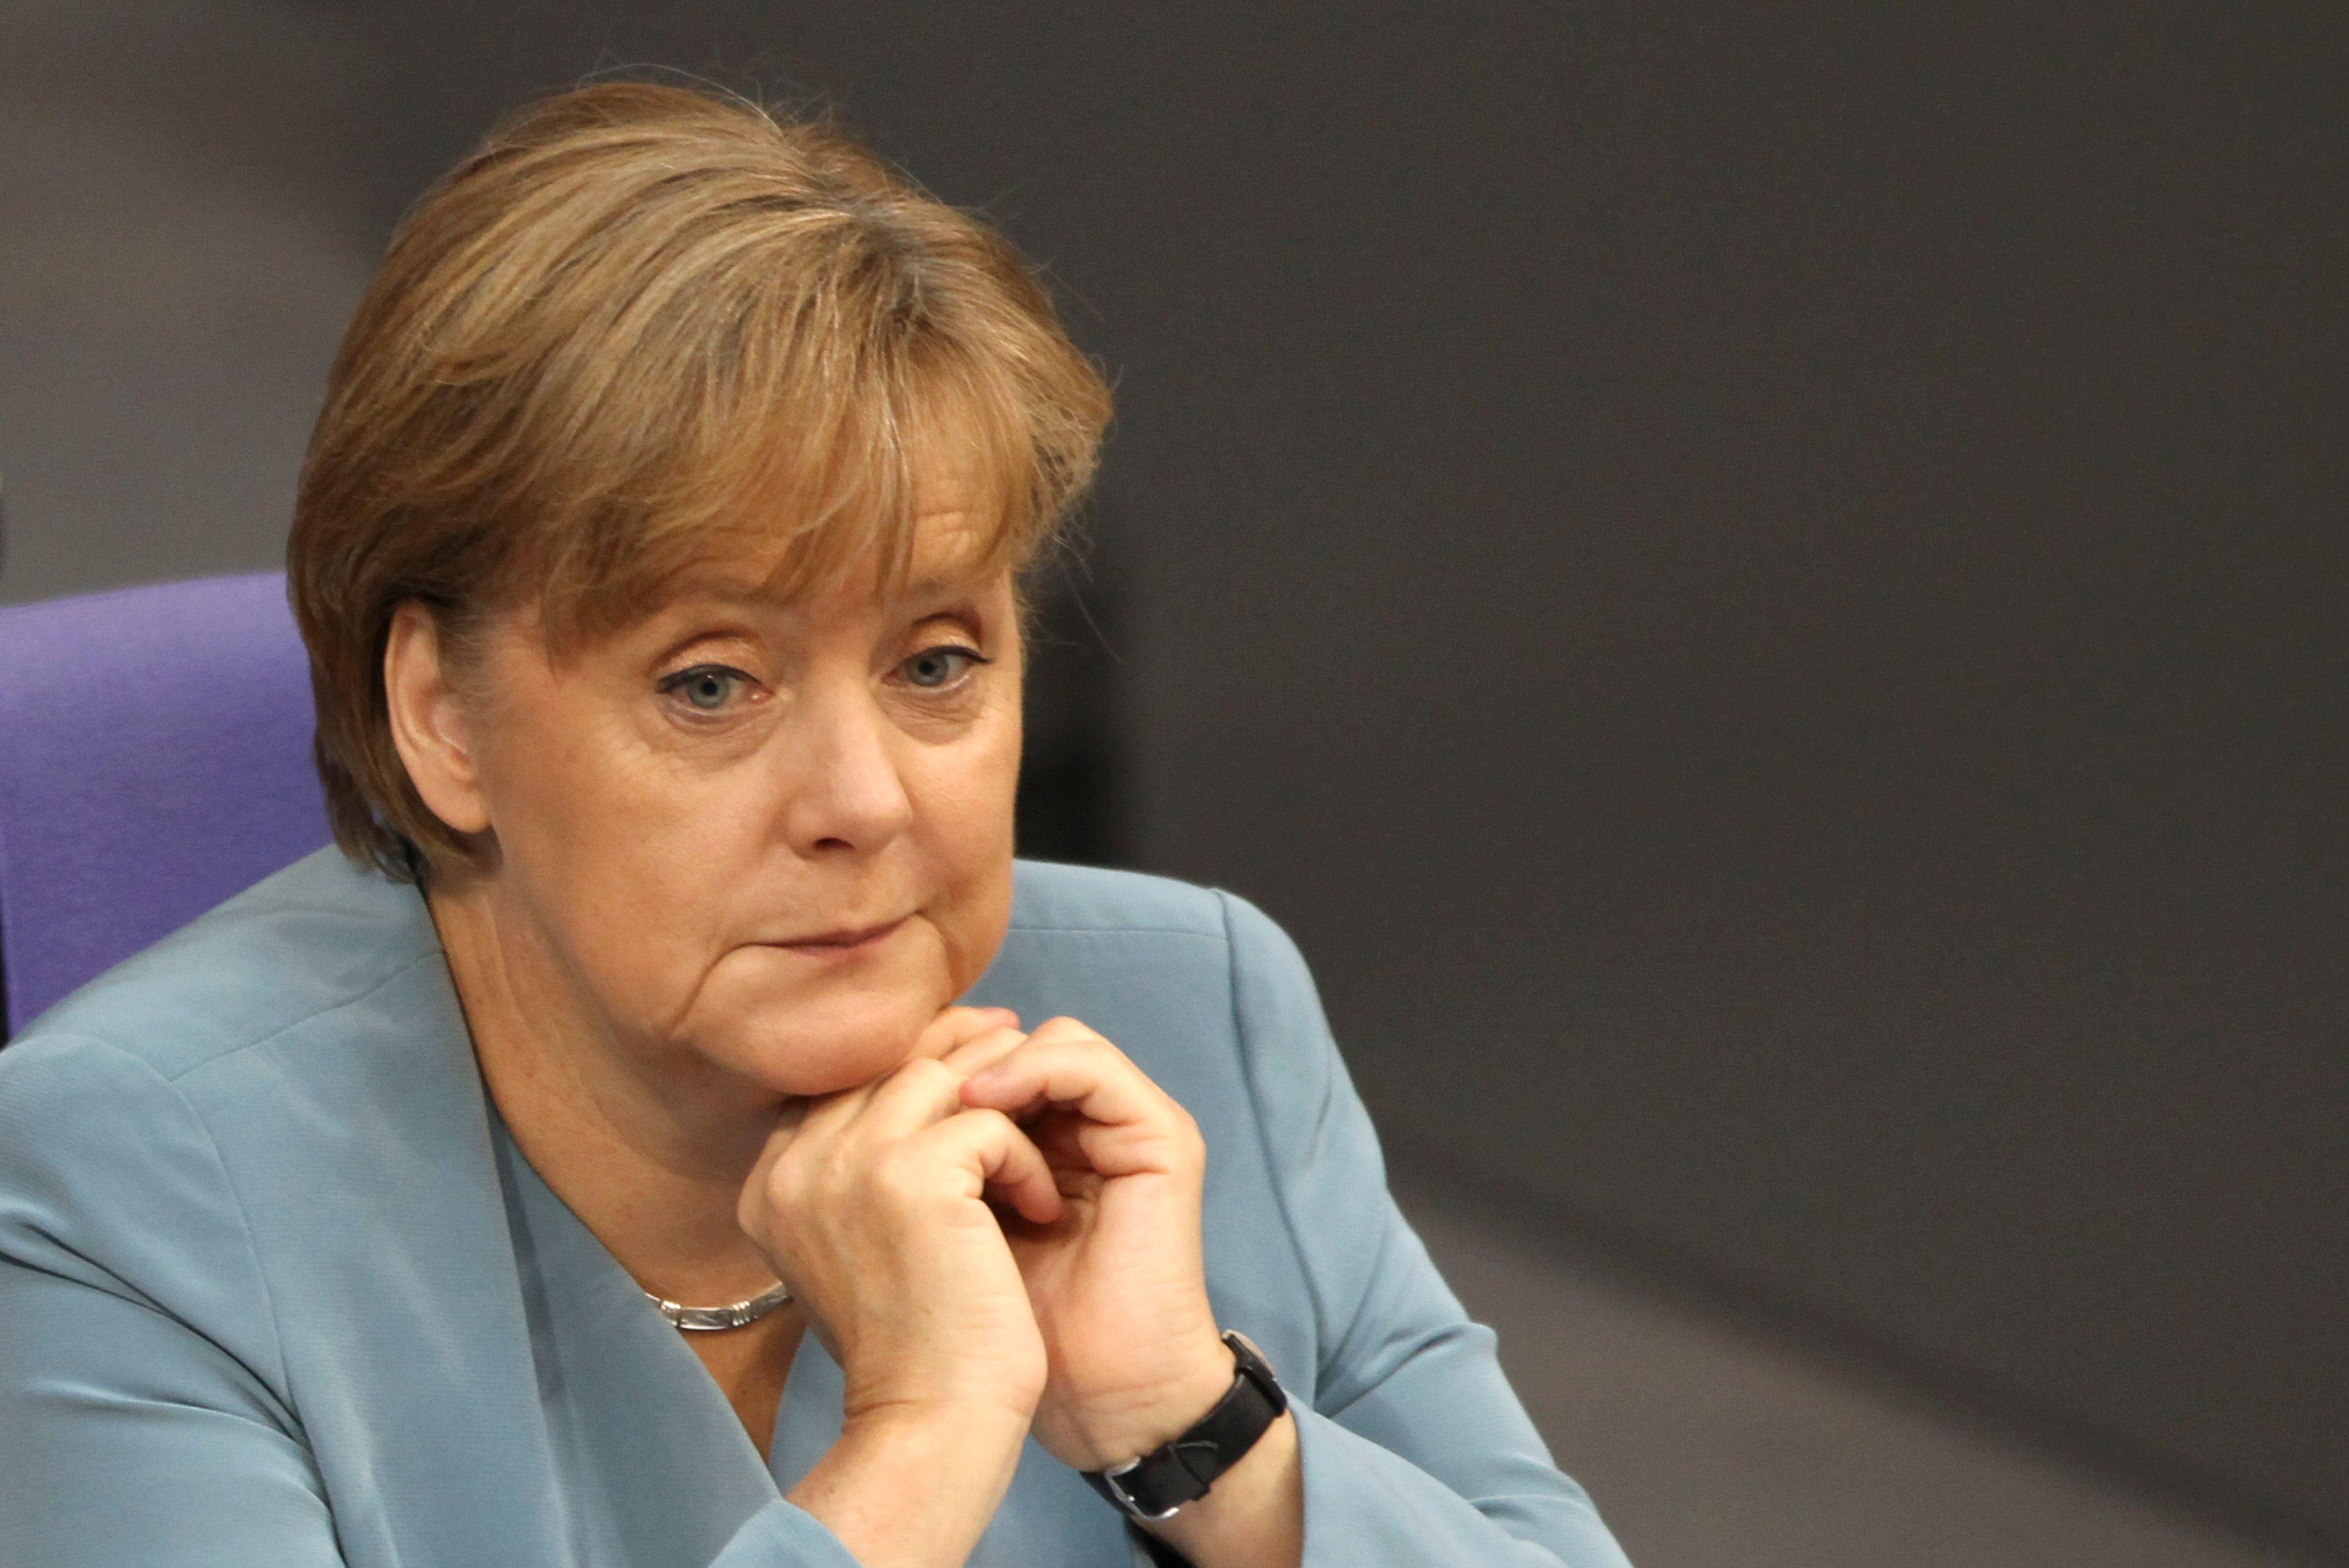 L'Allemagne est-elle en mesure de se poser en donneuse de leçons ?